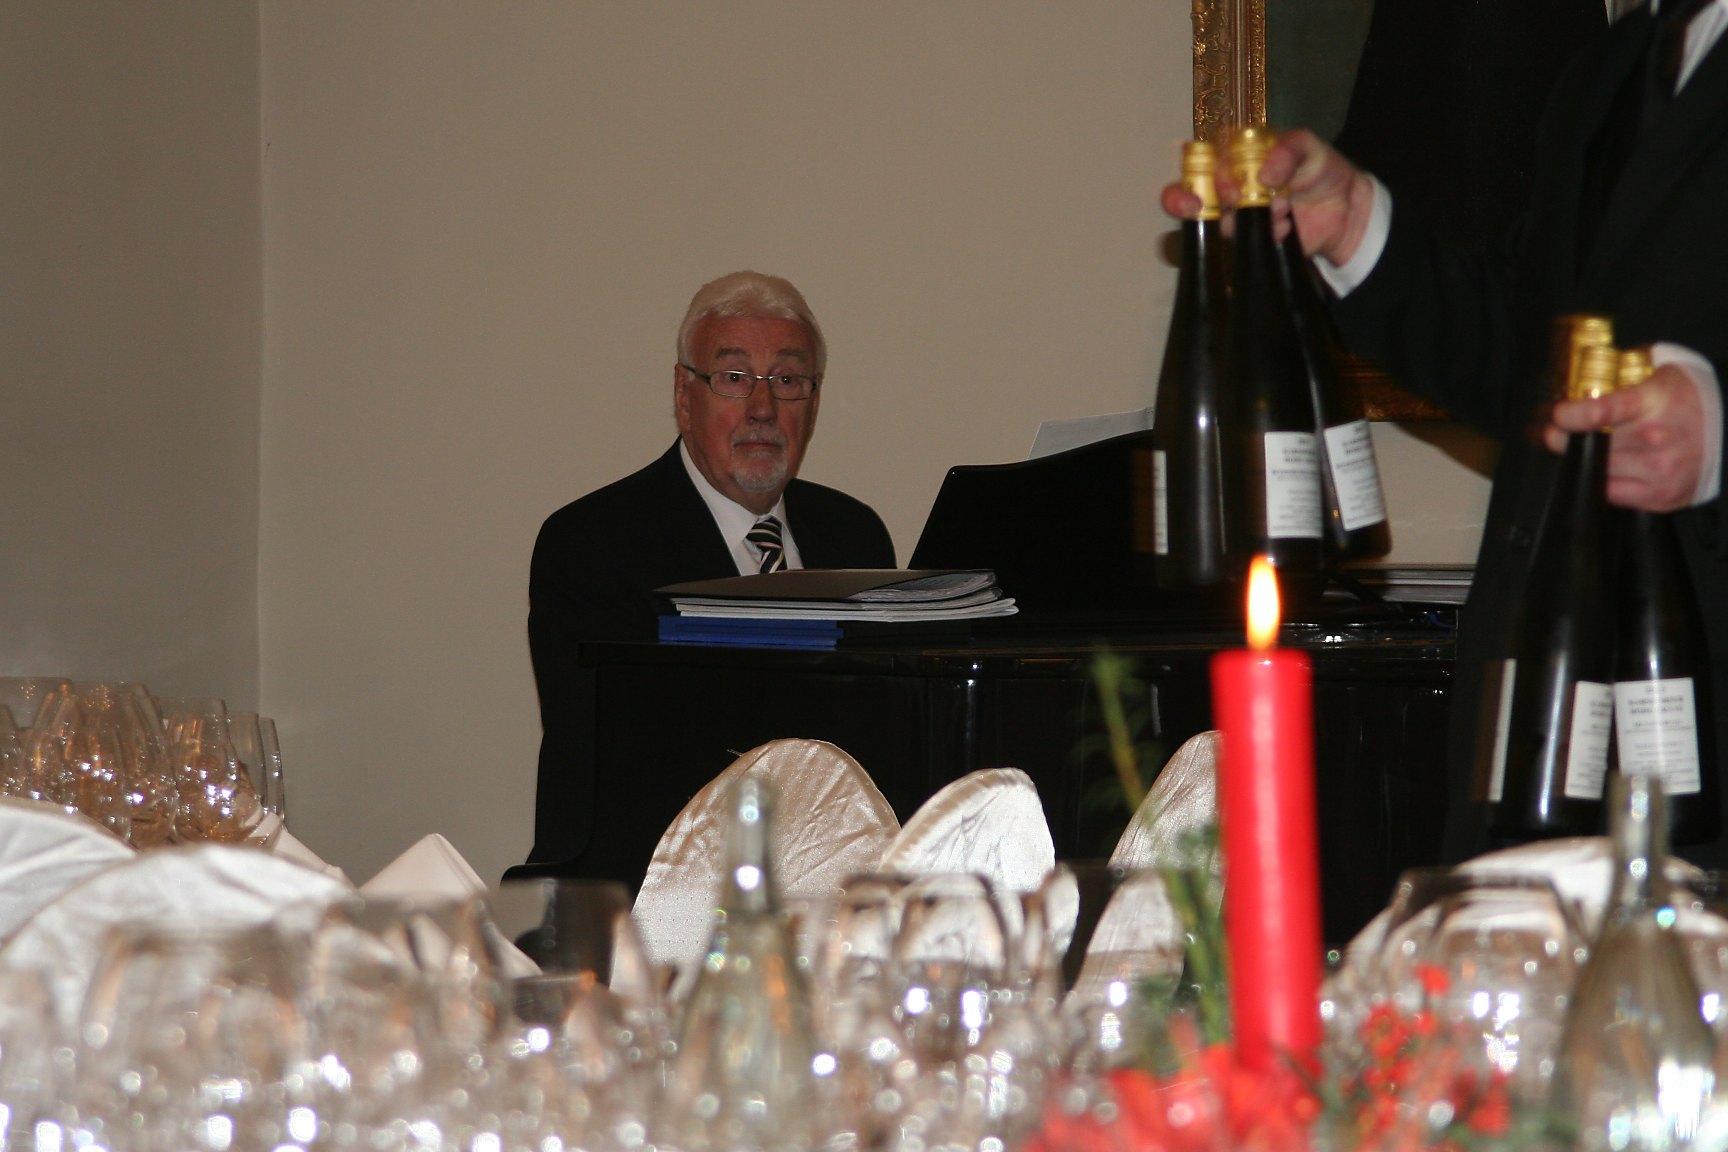 Wein und Klaviermusik